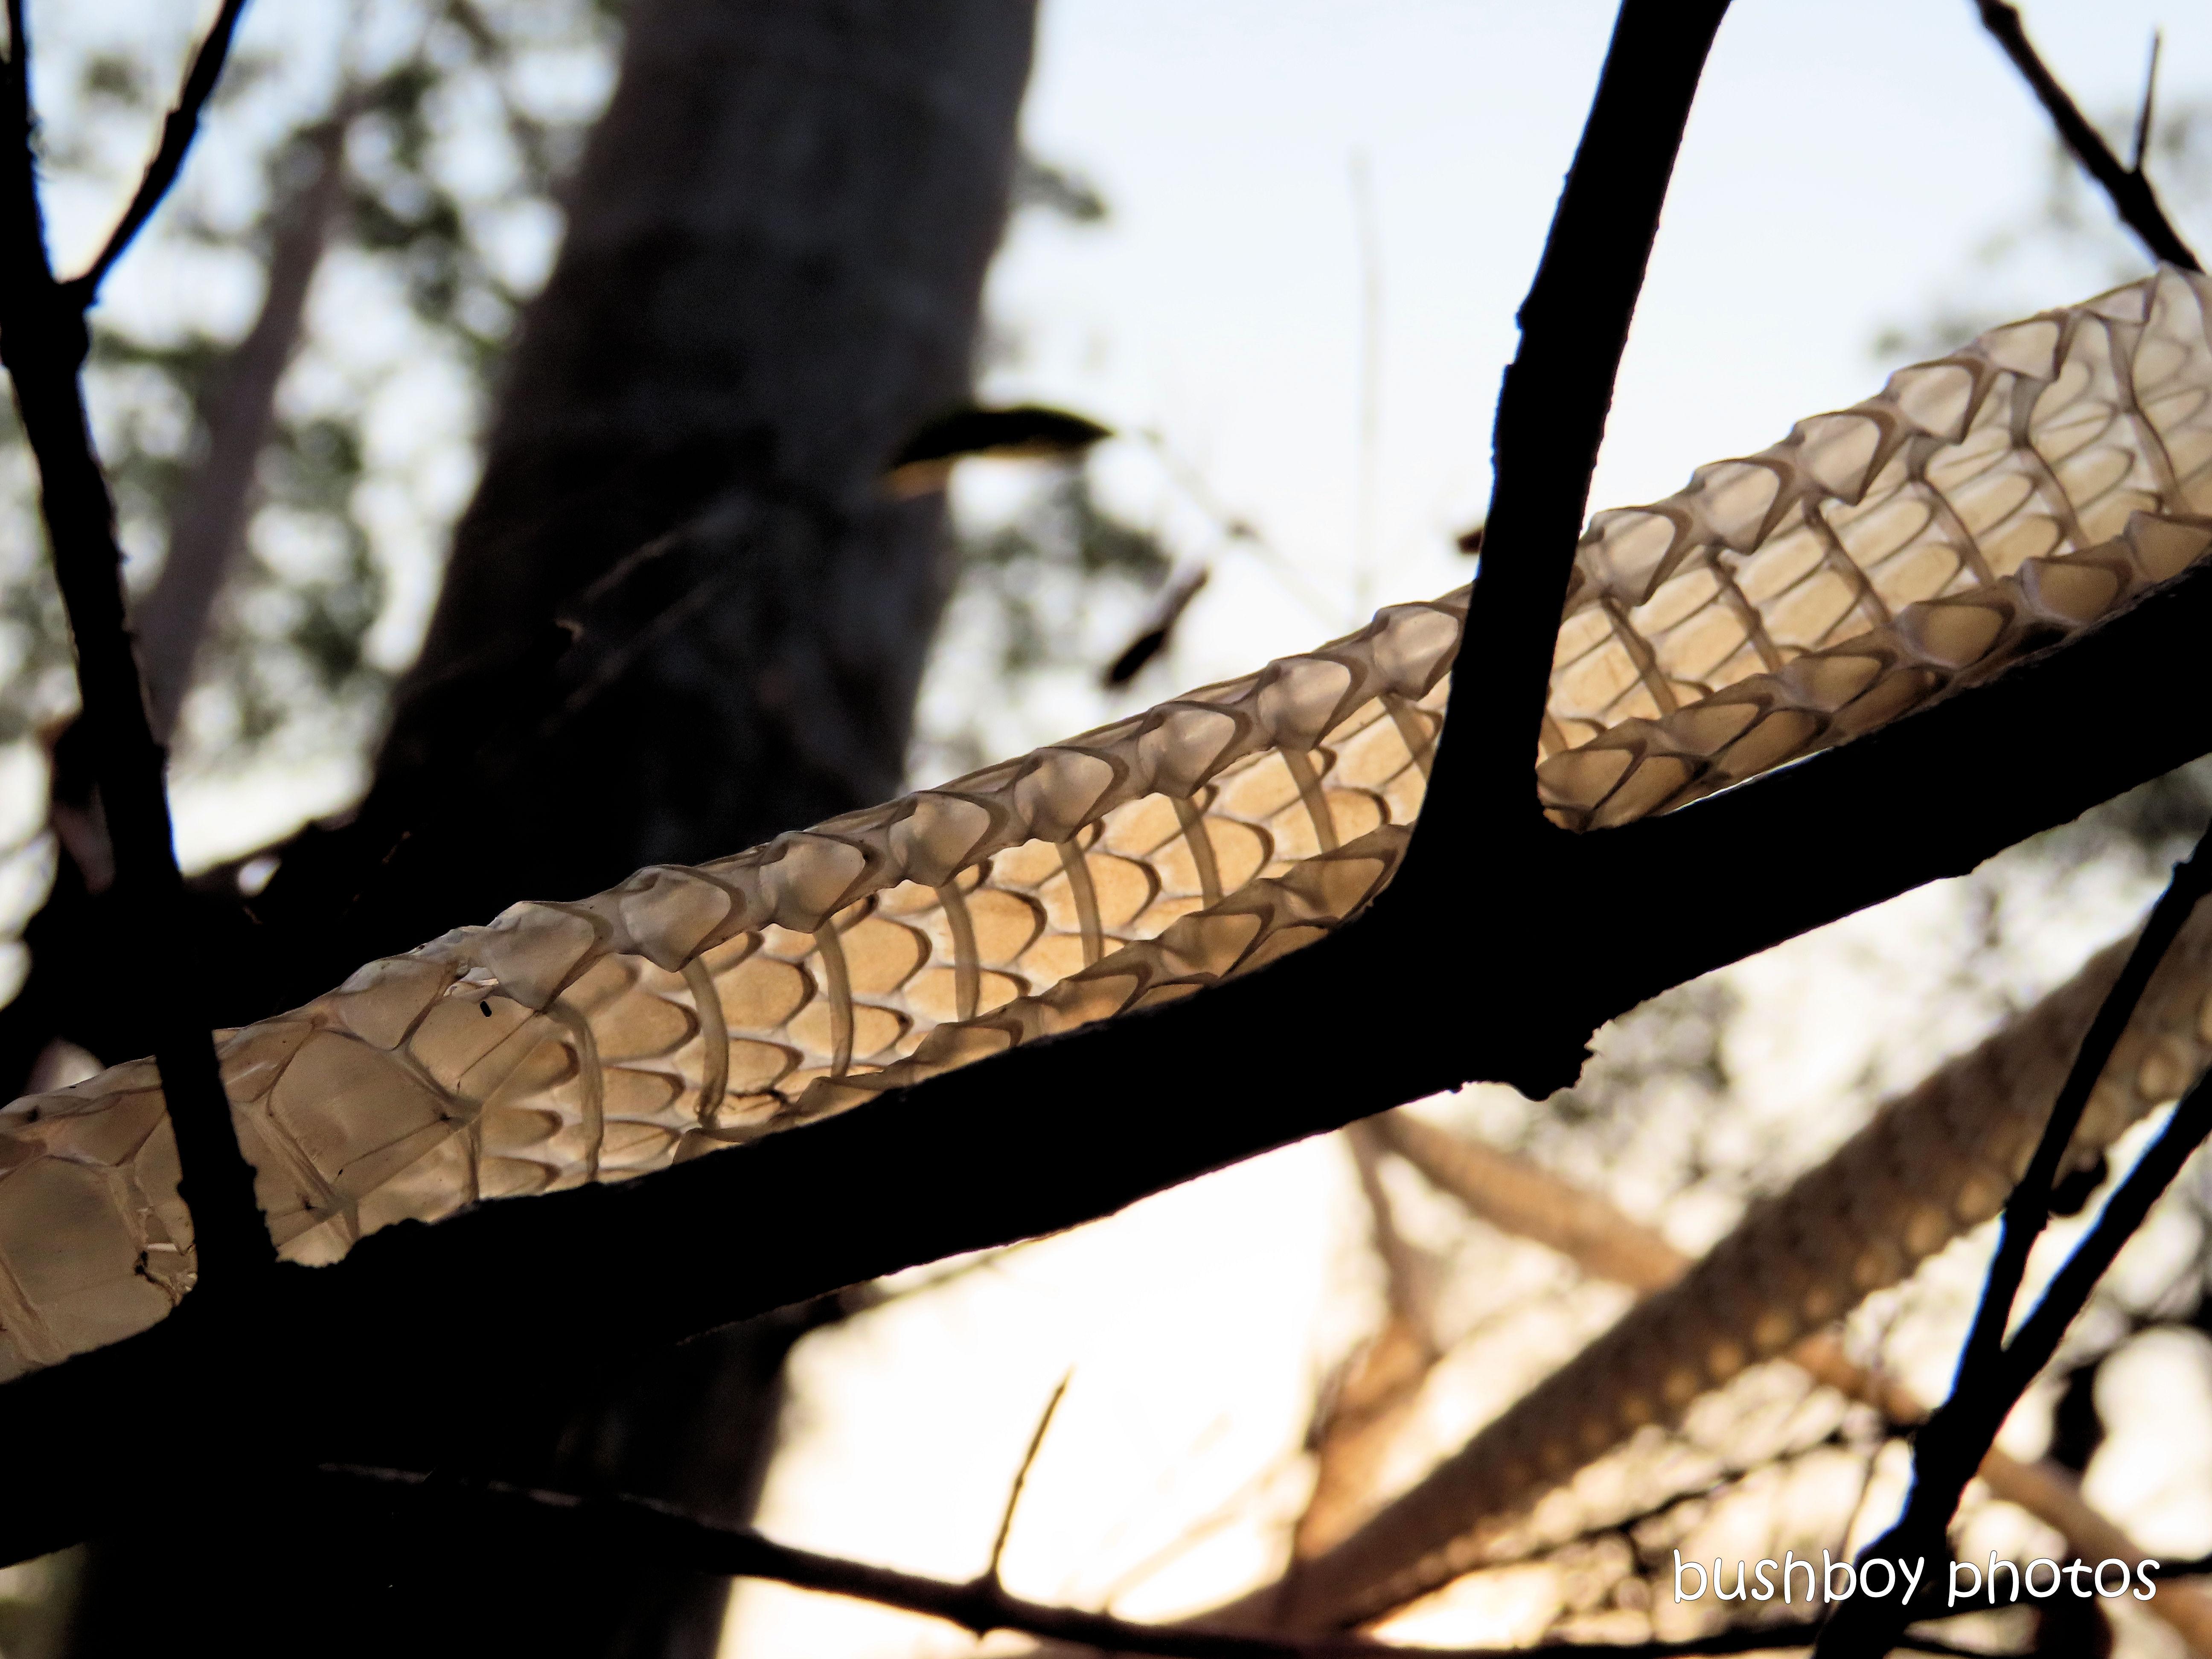 green_tree_snake_skin3_named_home_jackadgery_nov 2019